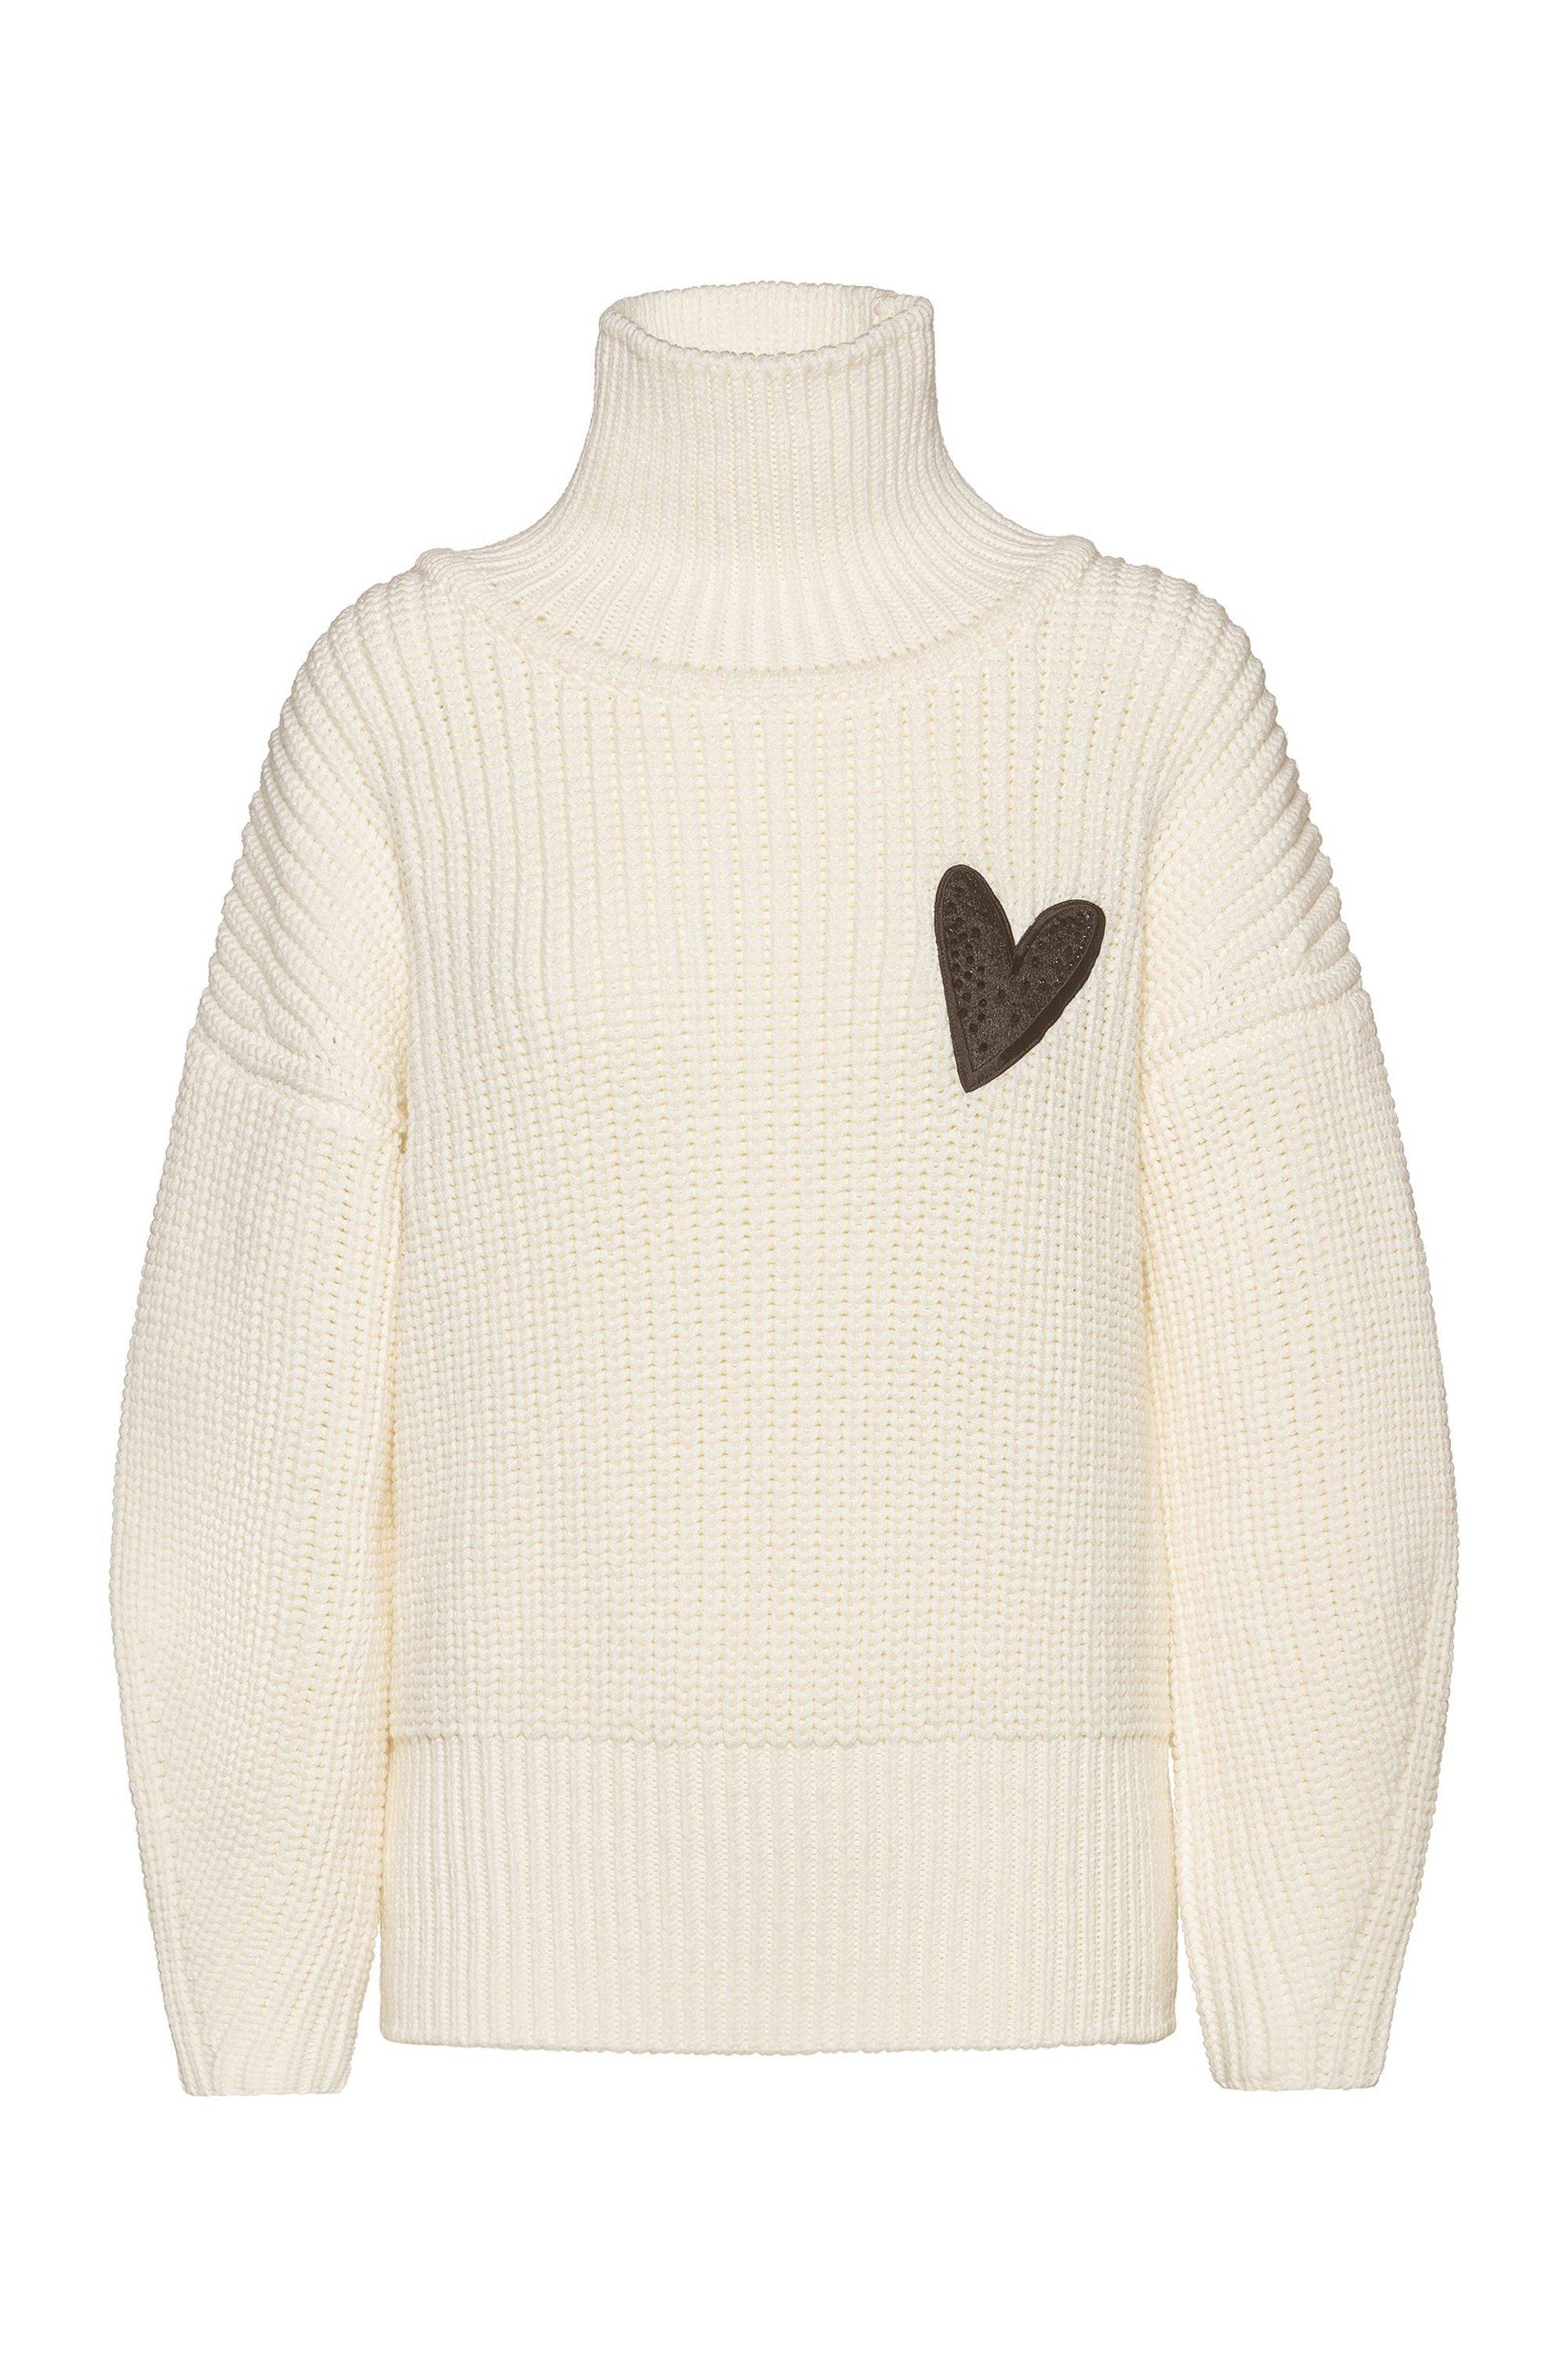 Relaxed-fit trui van scheerwol met hartdessin, Wit